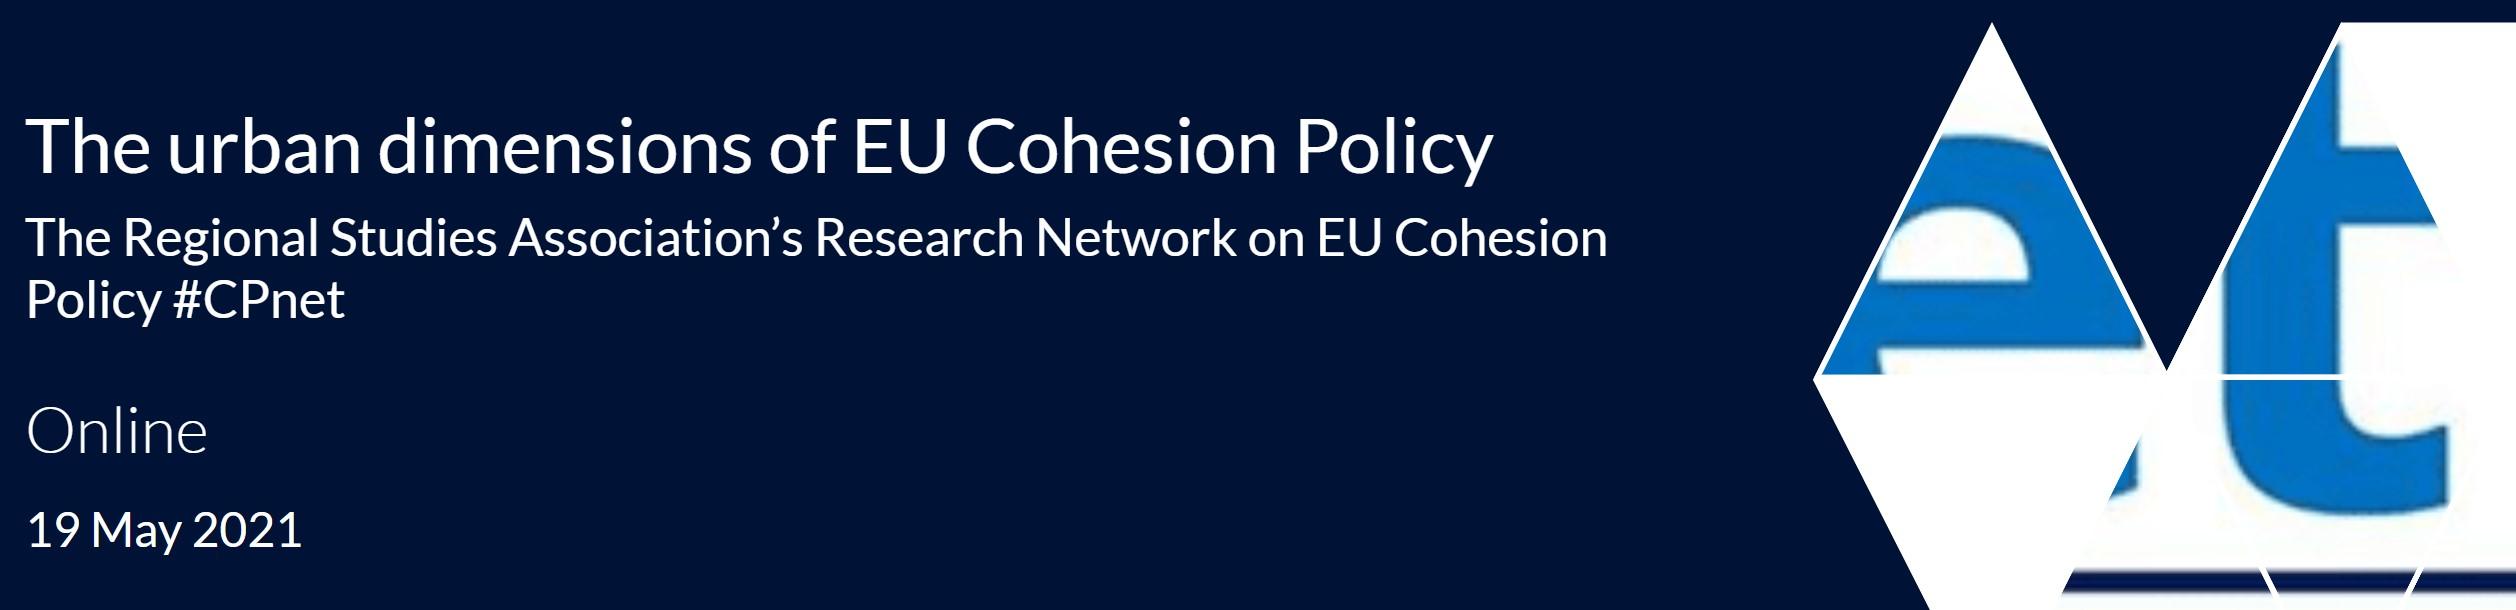 sonia de gregorio webinar eu cohesion policy